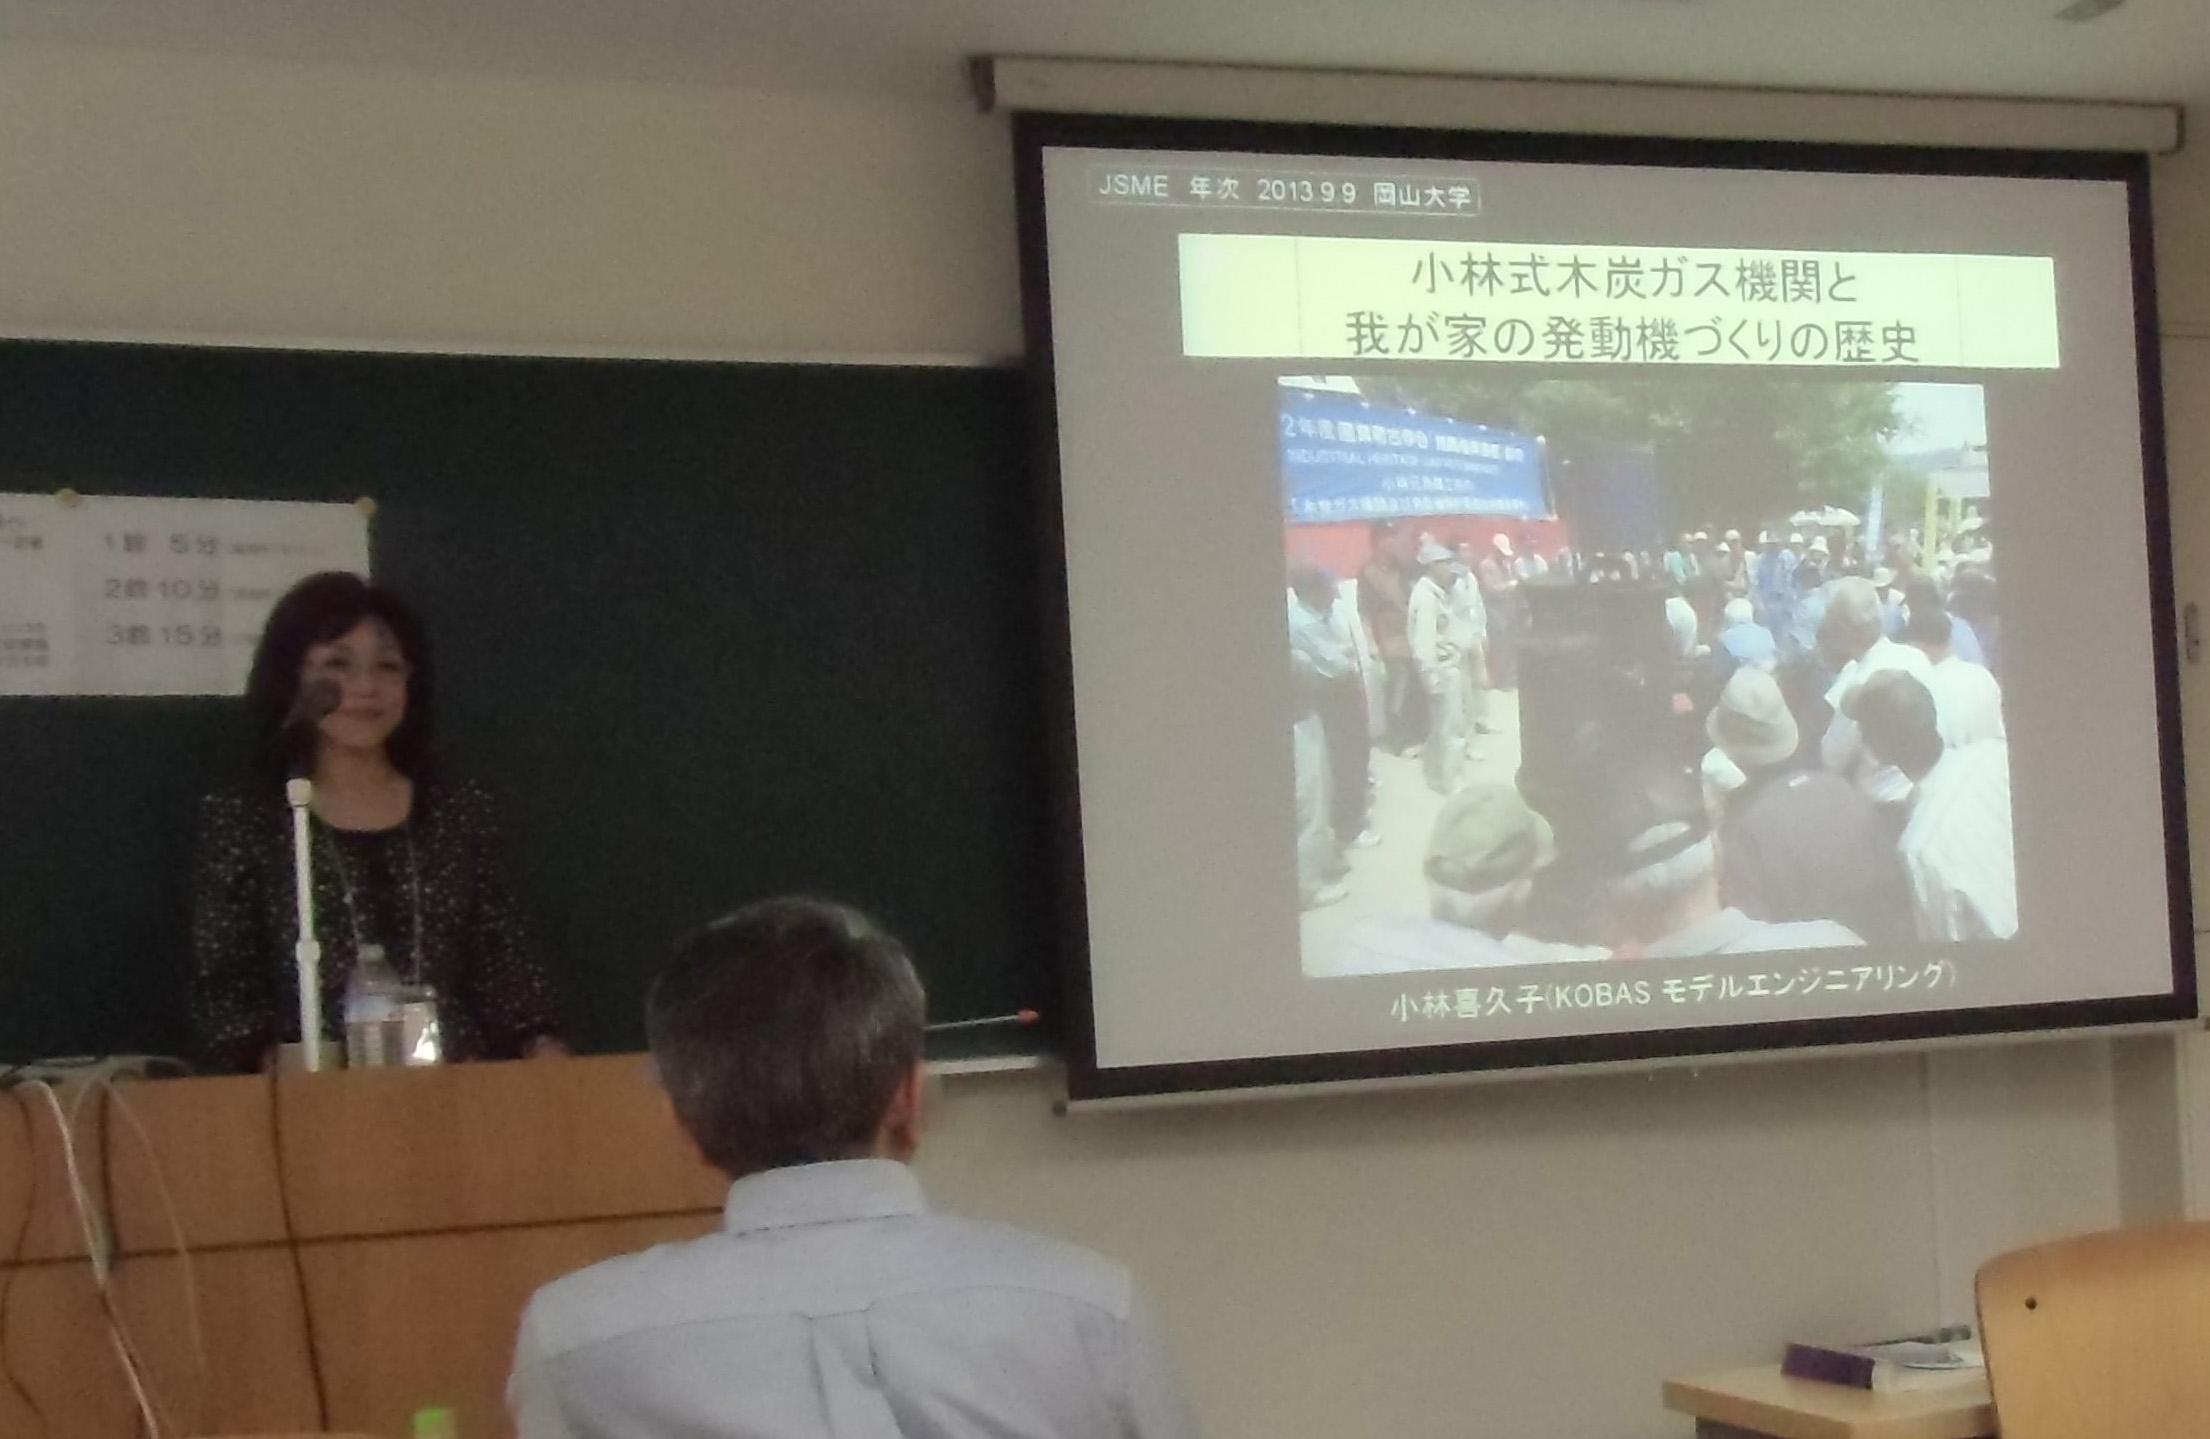 日本機械学会2013年次大会でプレゼンテーション! 2013年9月9日_d0079522_12483447.jpg